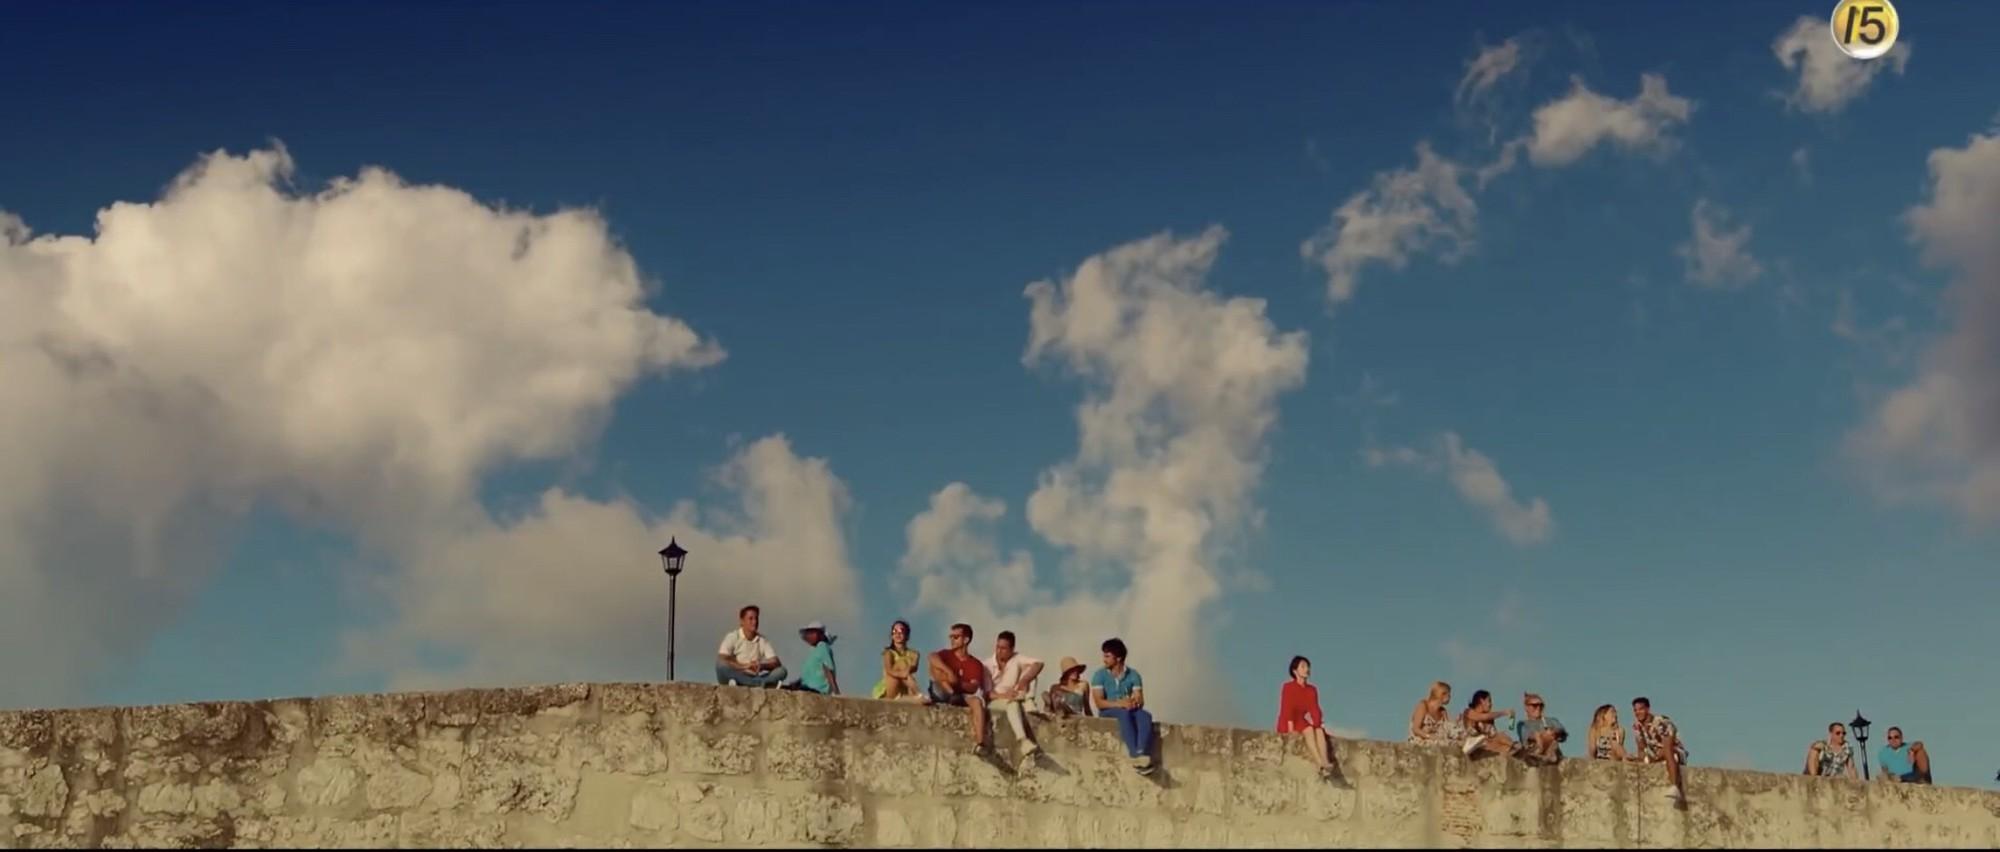 Song Hye Kyo và Park Bo Gum trong teaser mới nhất của Encounter: Một lần tương ngộ, nghìn ngày khó quên - Ảnh 20.